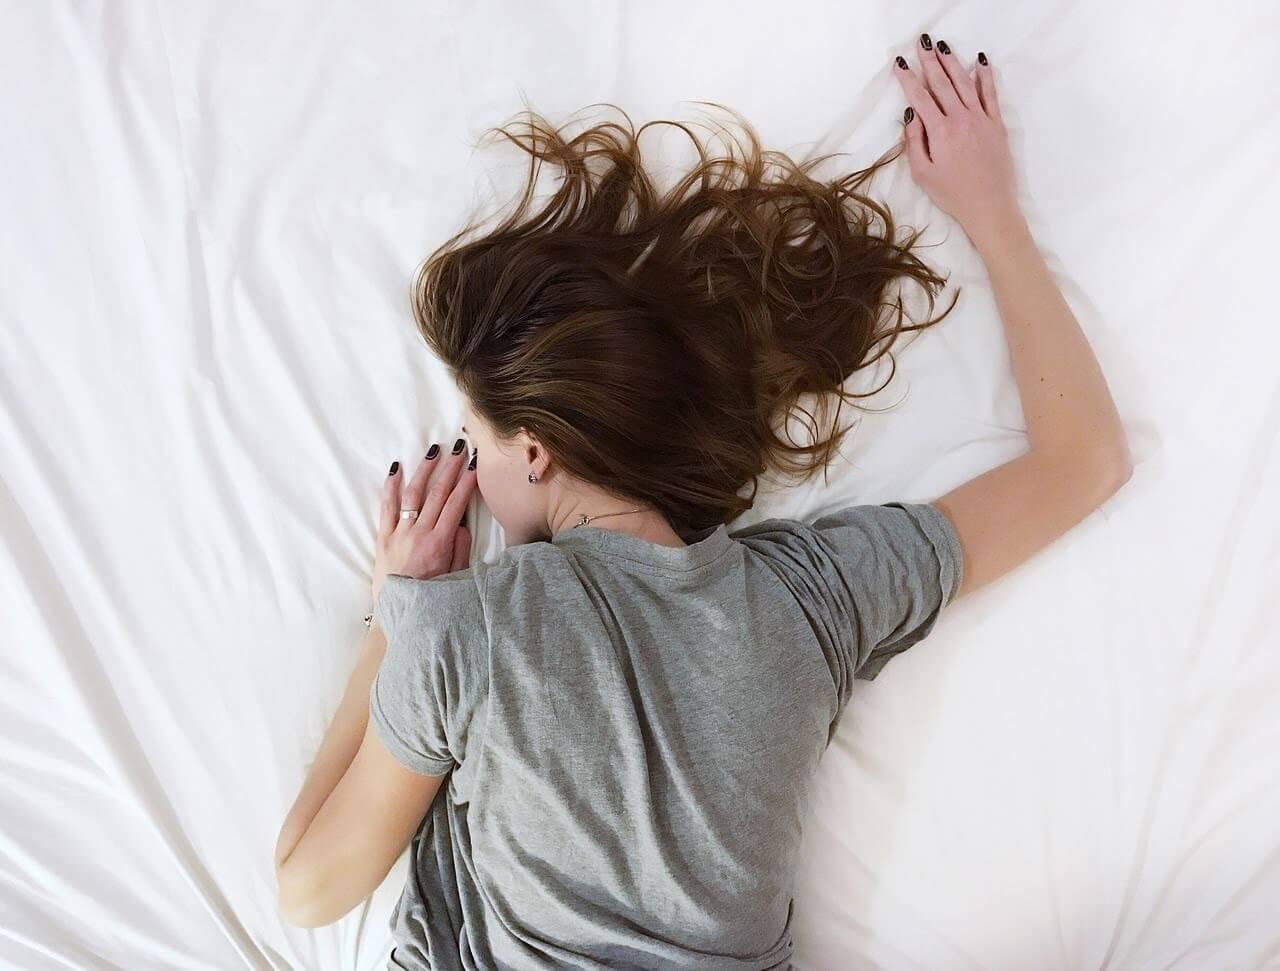 女の人が睡眠を得るためにベッドに横たわっている